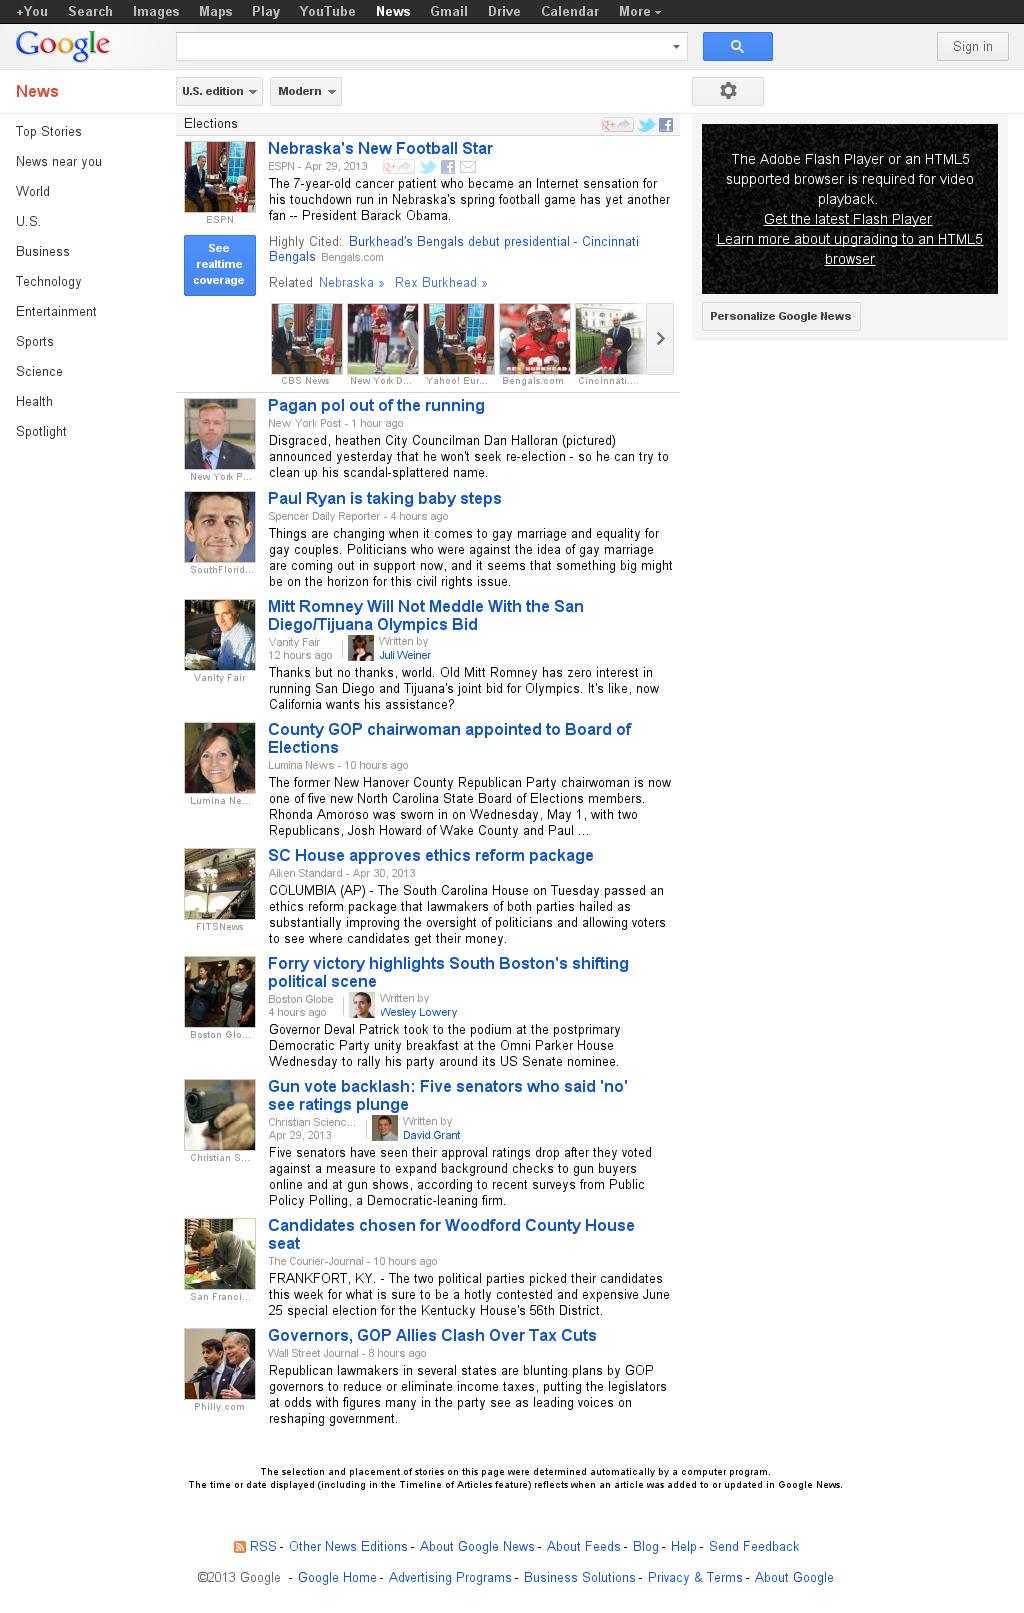 Google News: Elections at Thursday May 2, 2013, 9:08 a.m. UTC